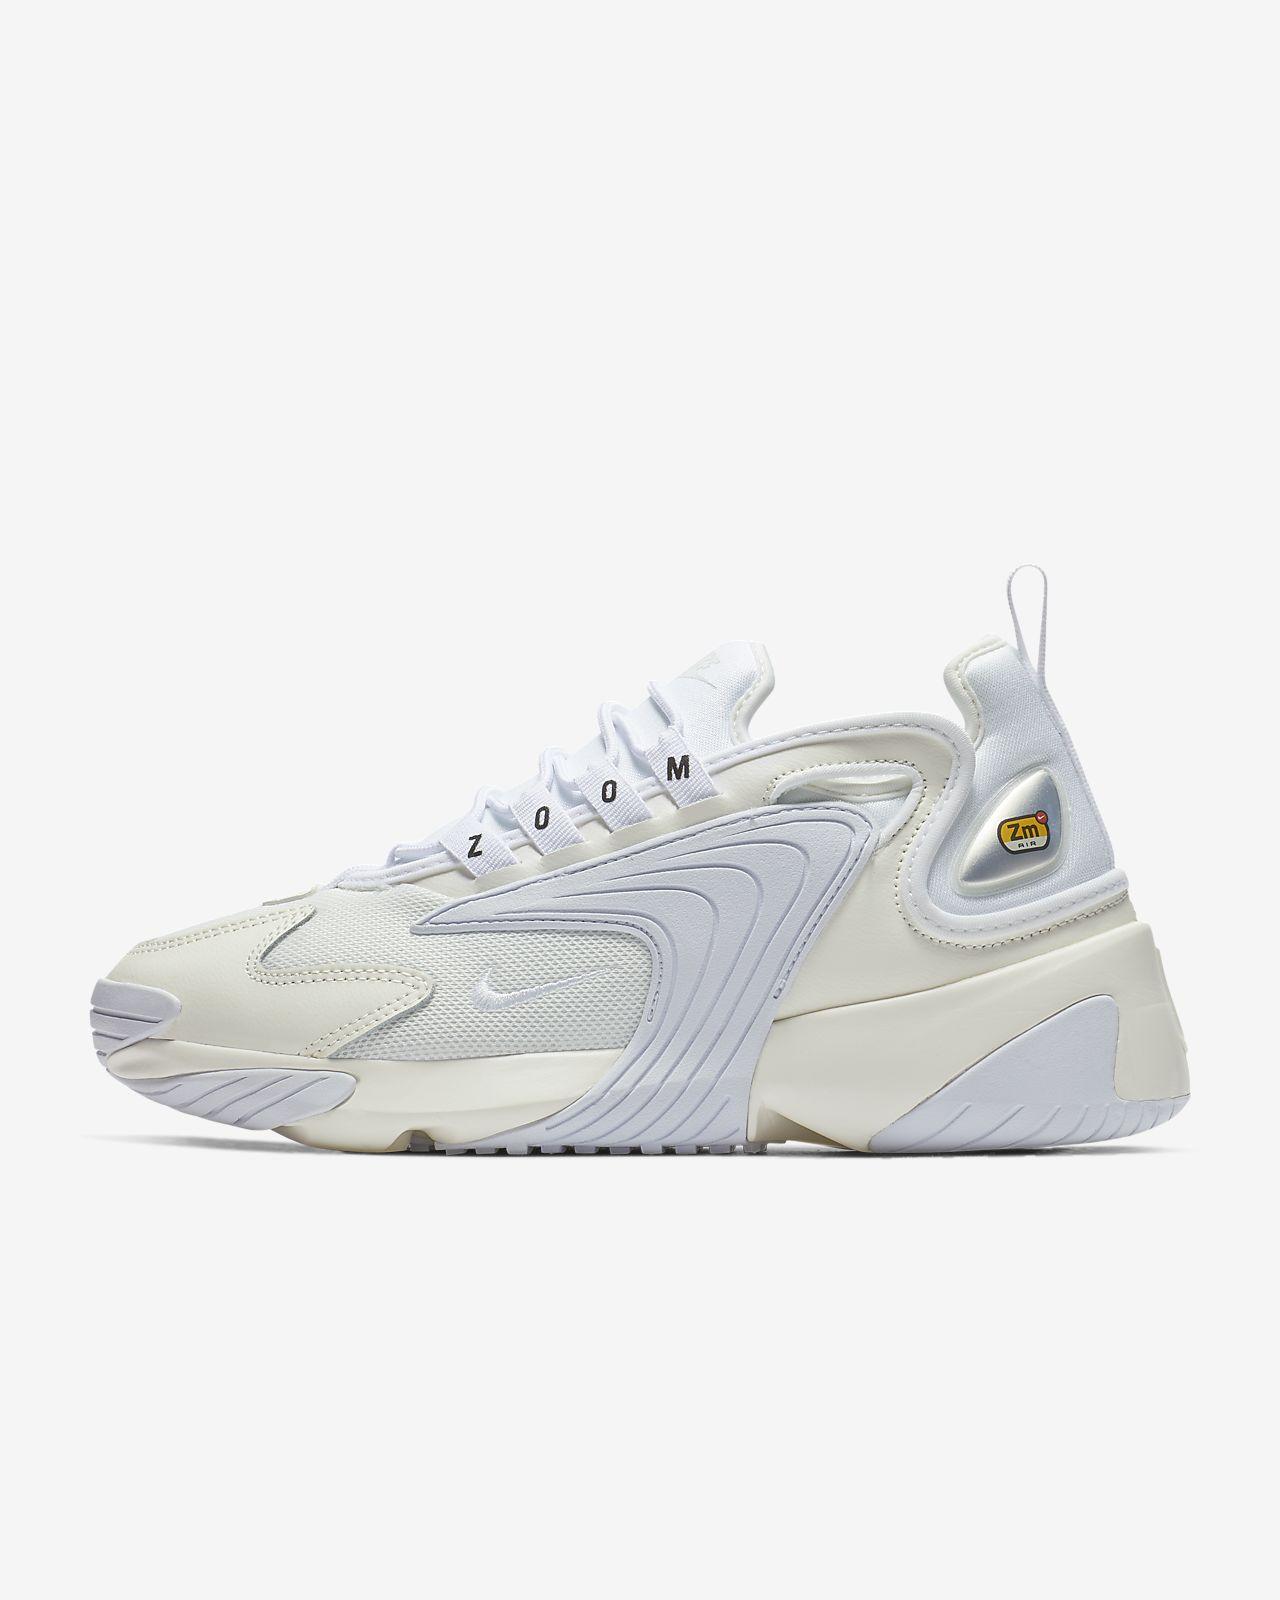 919c8a0592d11 Nike Zoom 2K Women s Shoe. Nike.com